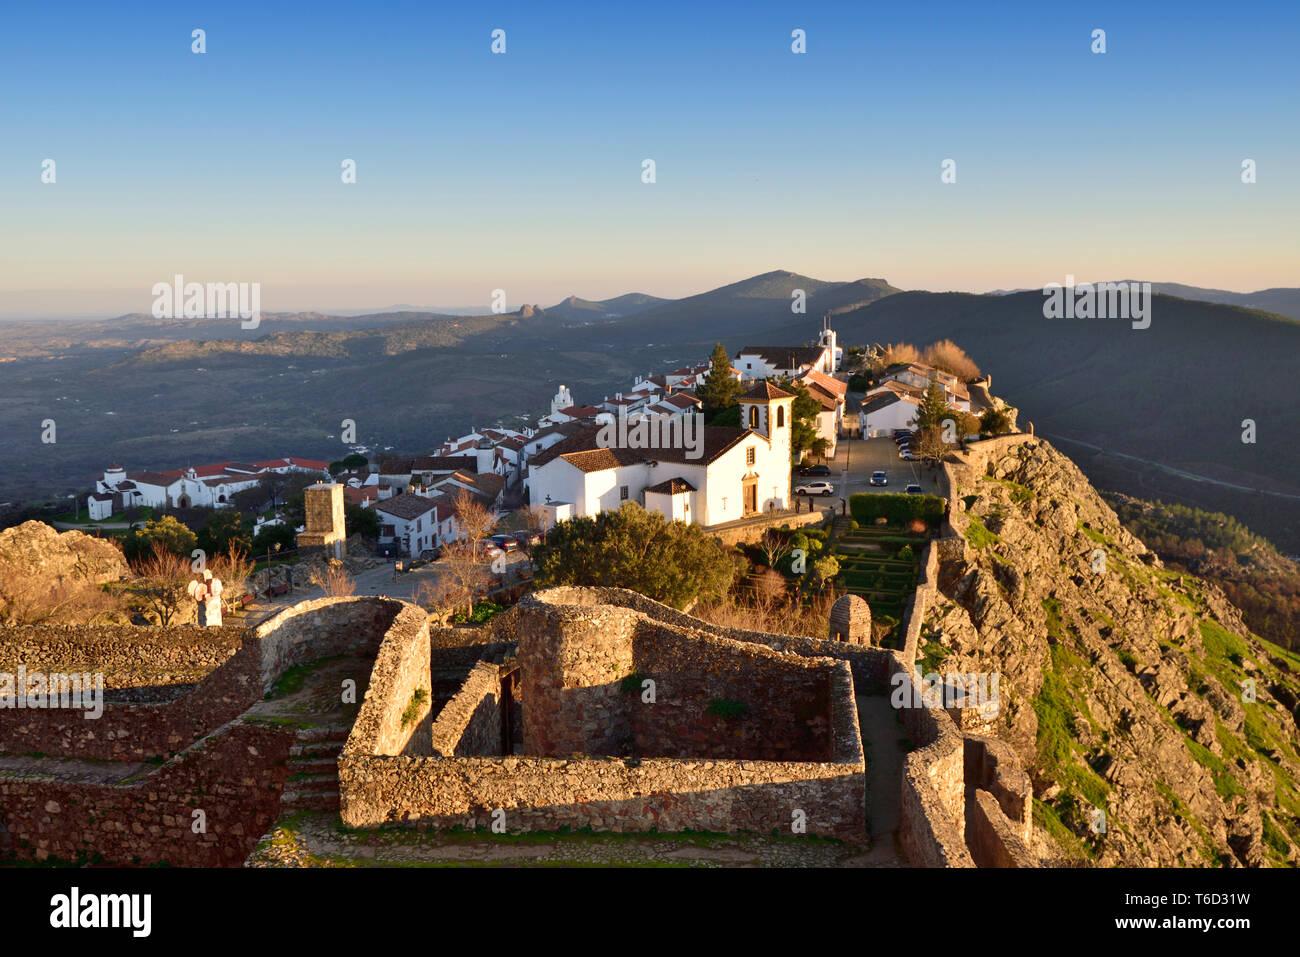 Im 9. Jahrhundert Dorf von Ohrid mit arabischen Ursprungs. Portugal Stockfoto